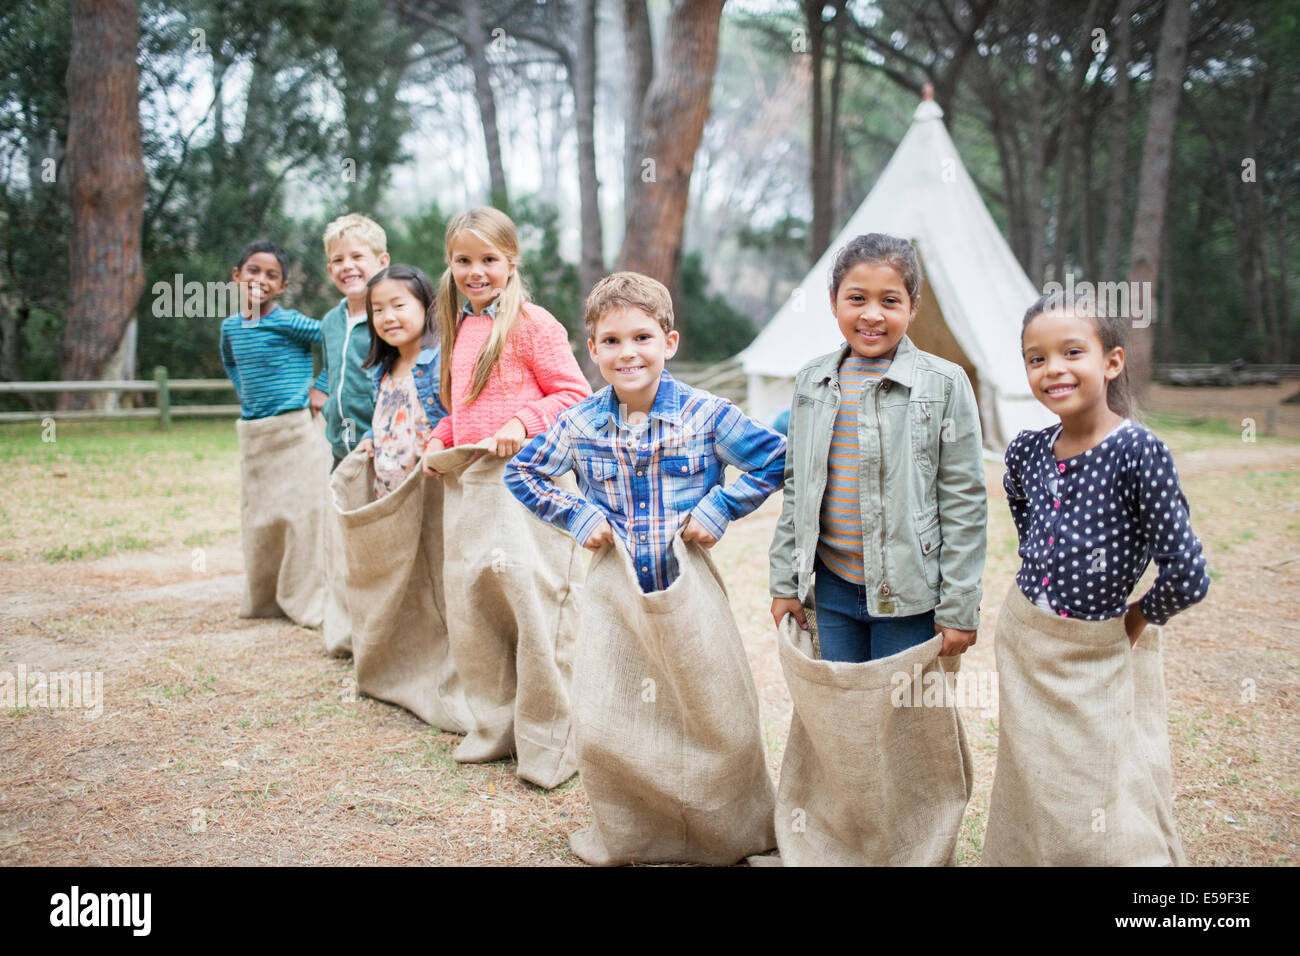 Bambini sorridenti alla partenza della gara di sacco Immagini Stock